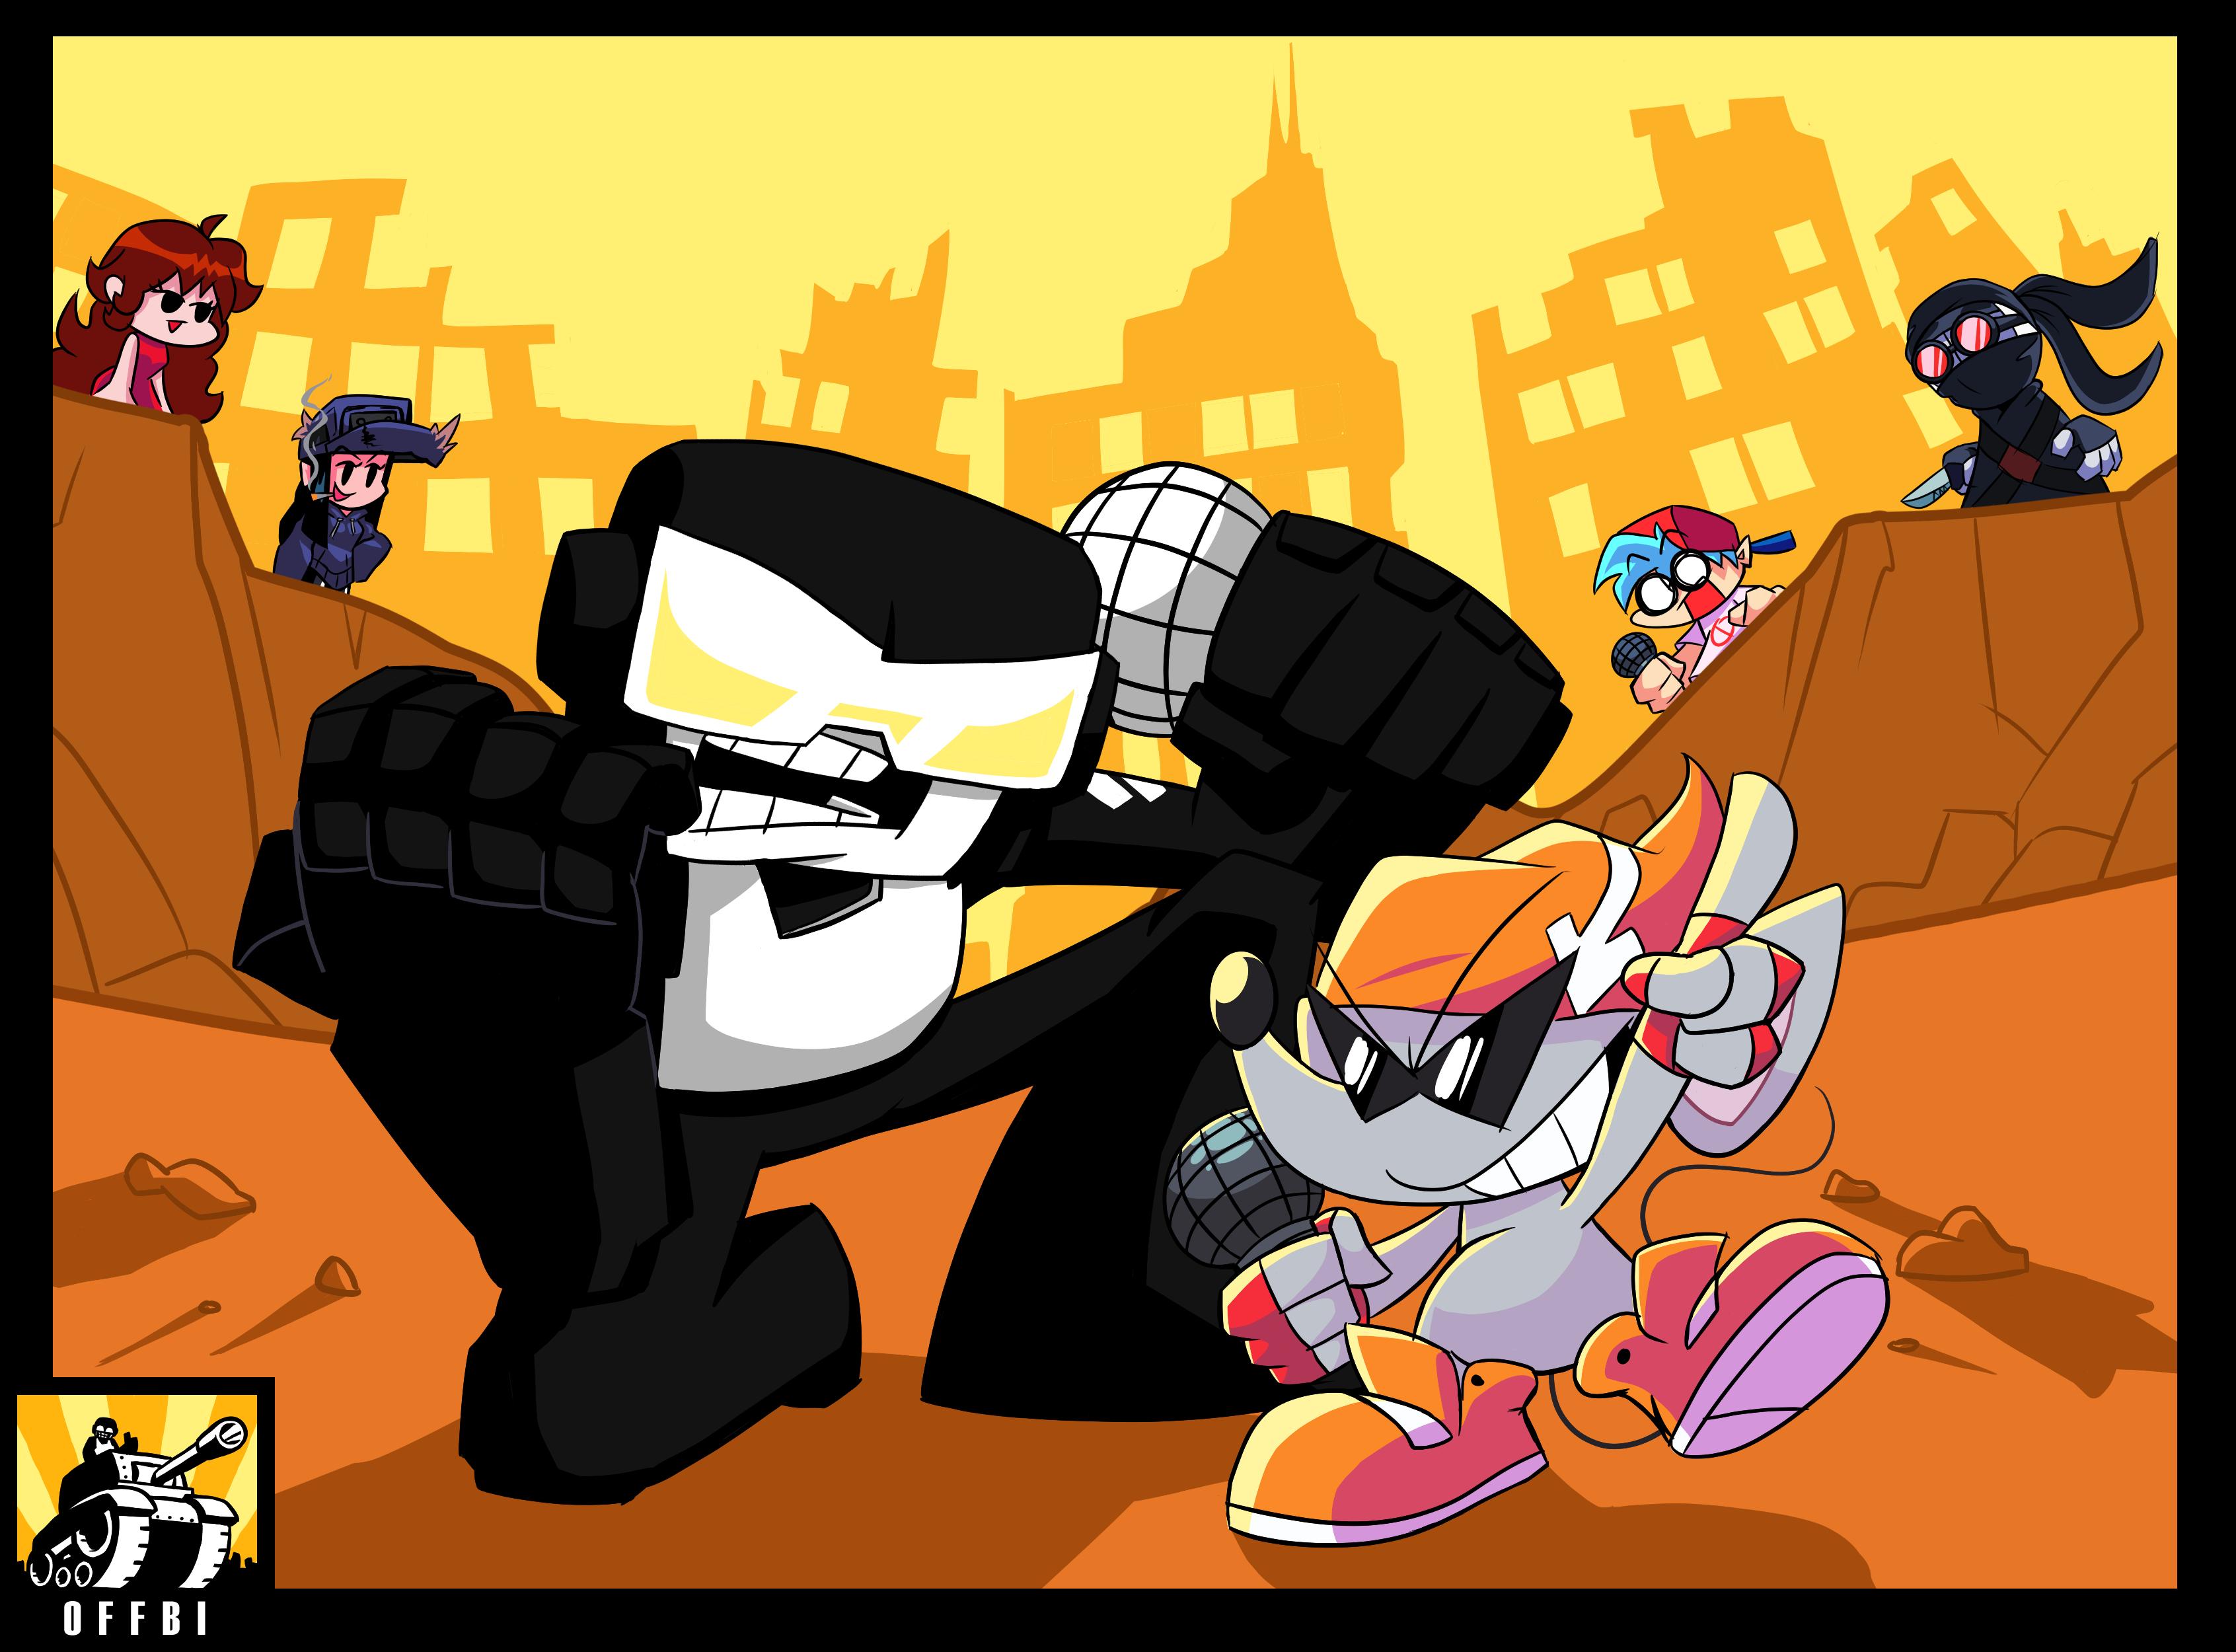 Tankman vs Ritz the Rat